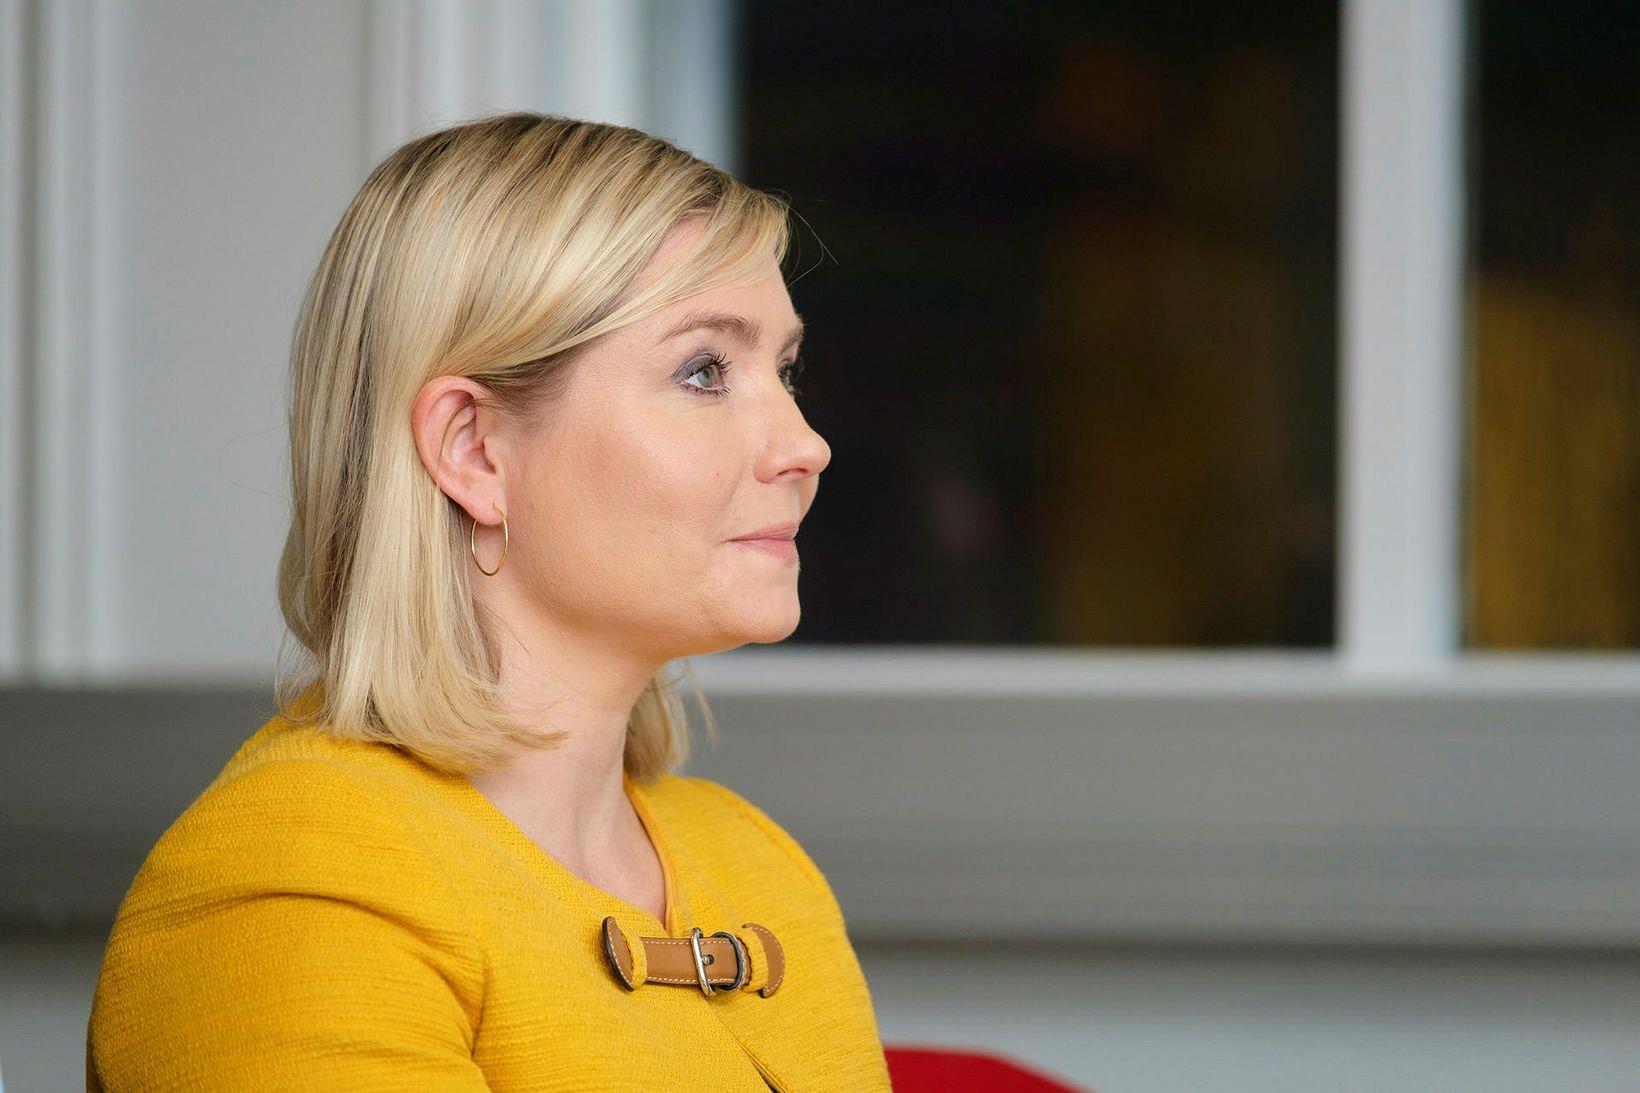 Lilja Dögg Alfreðsdóttir menntamálaráðherra gerðist að mati kærunefndar jafnréttismála brotleg …